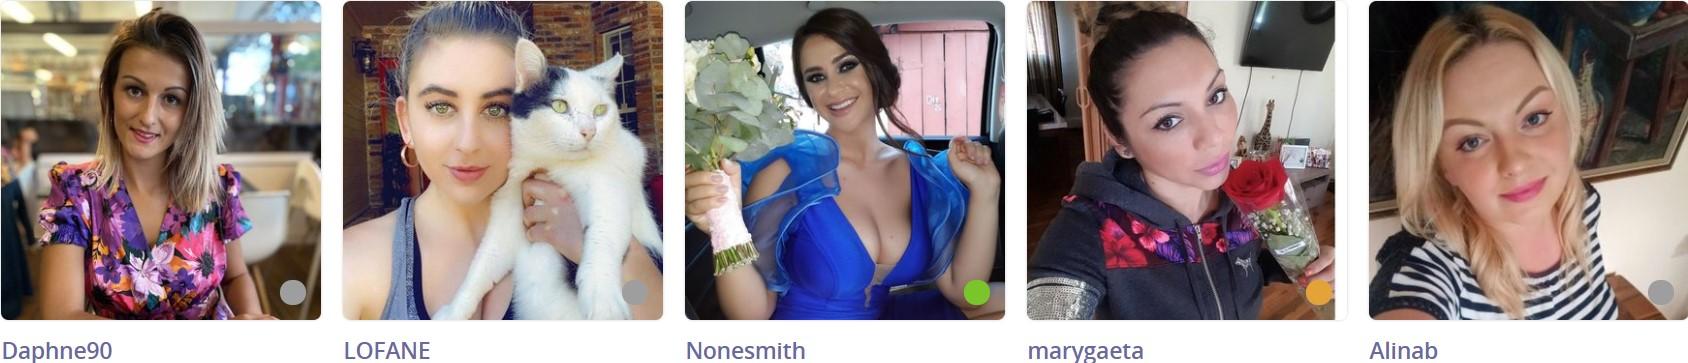 Über Flirt.de lernt man viele attraktive Frauen kennen